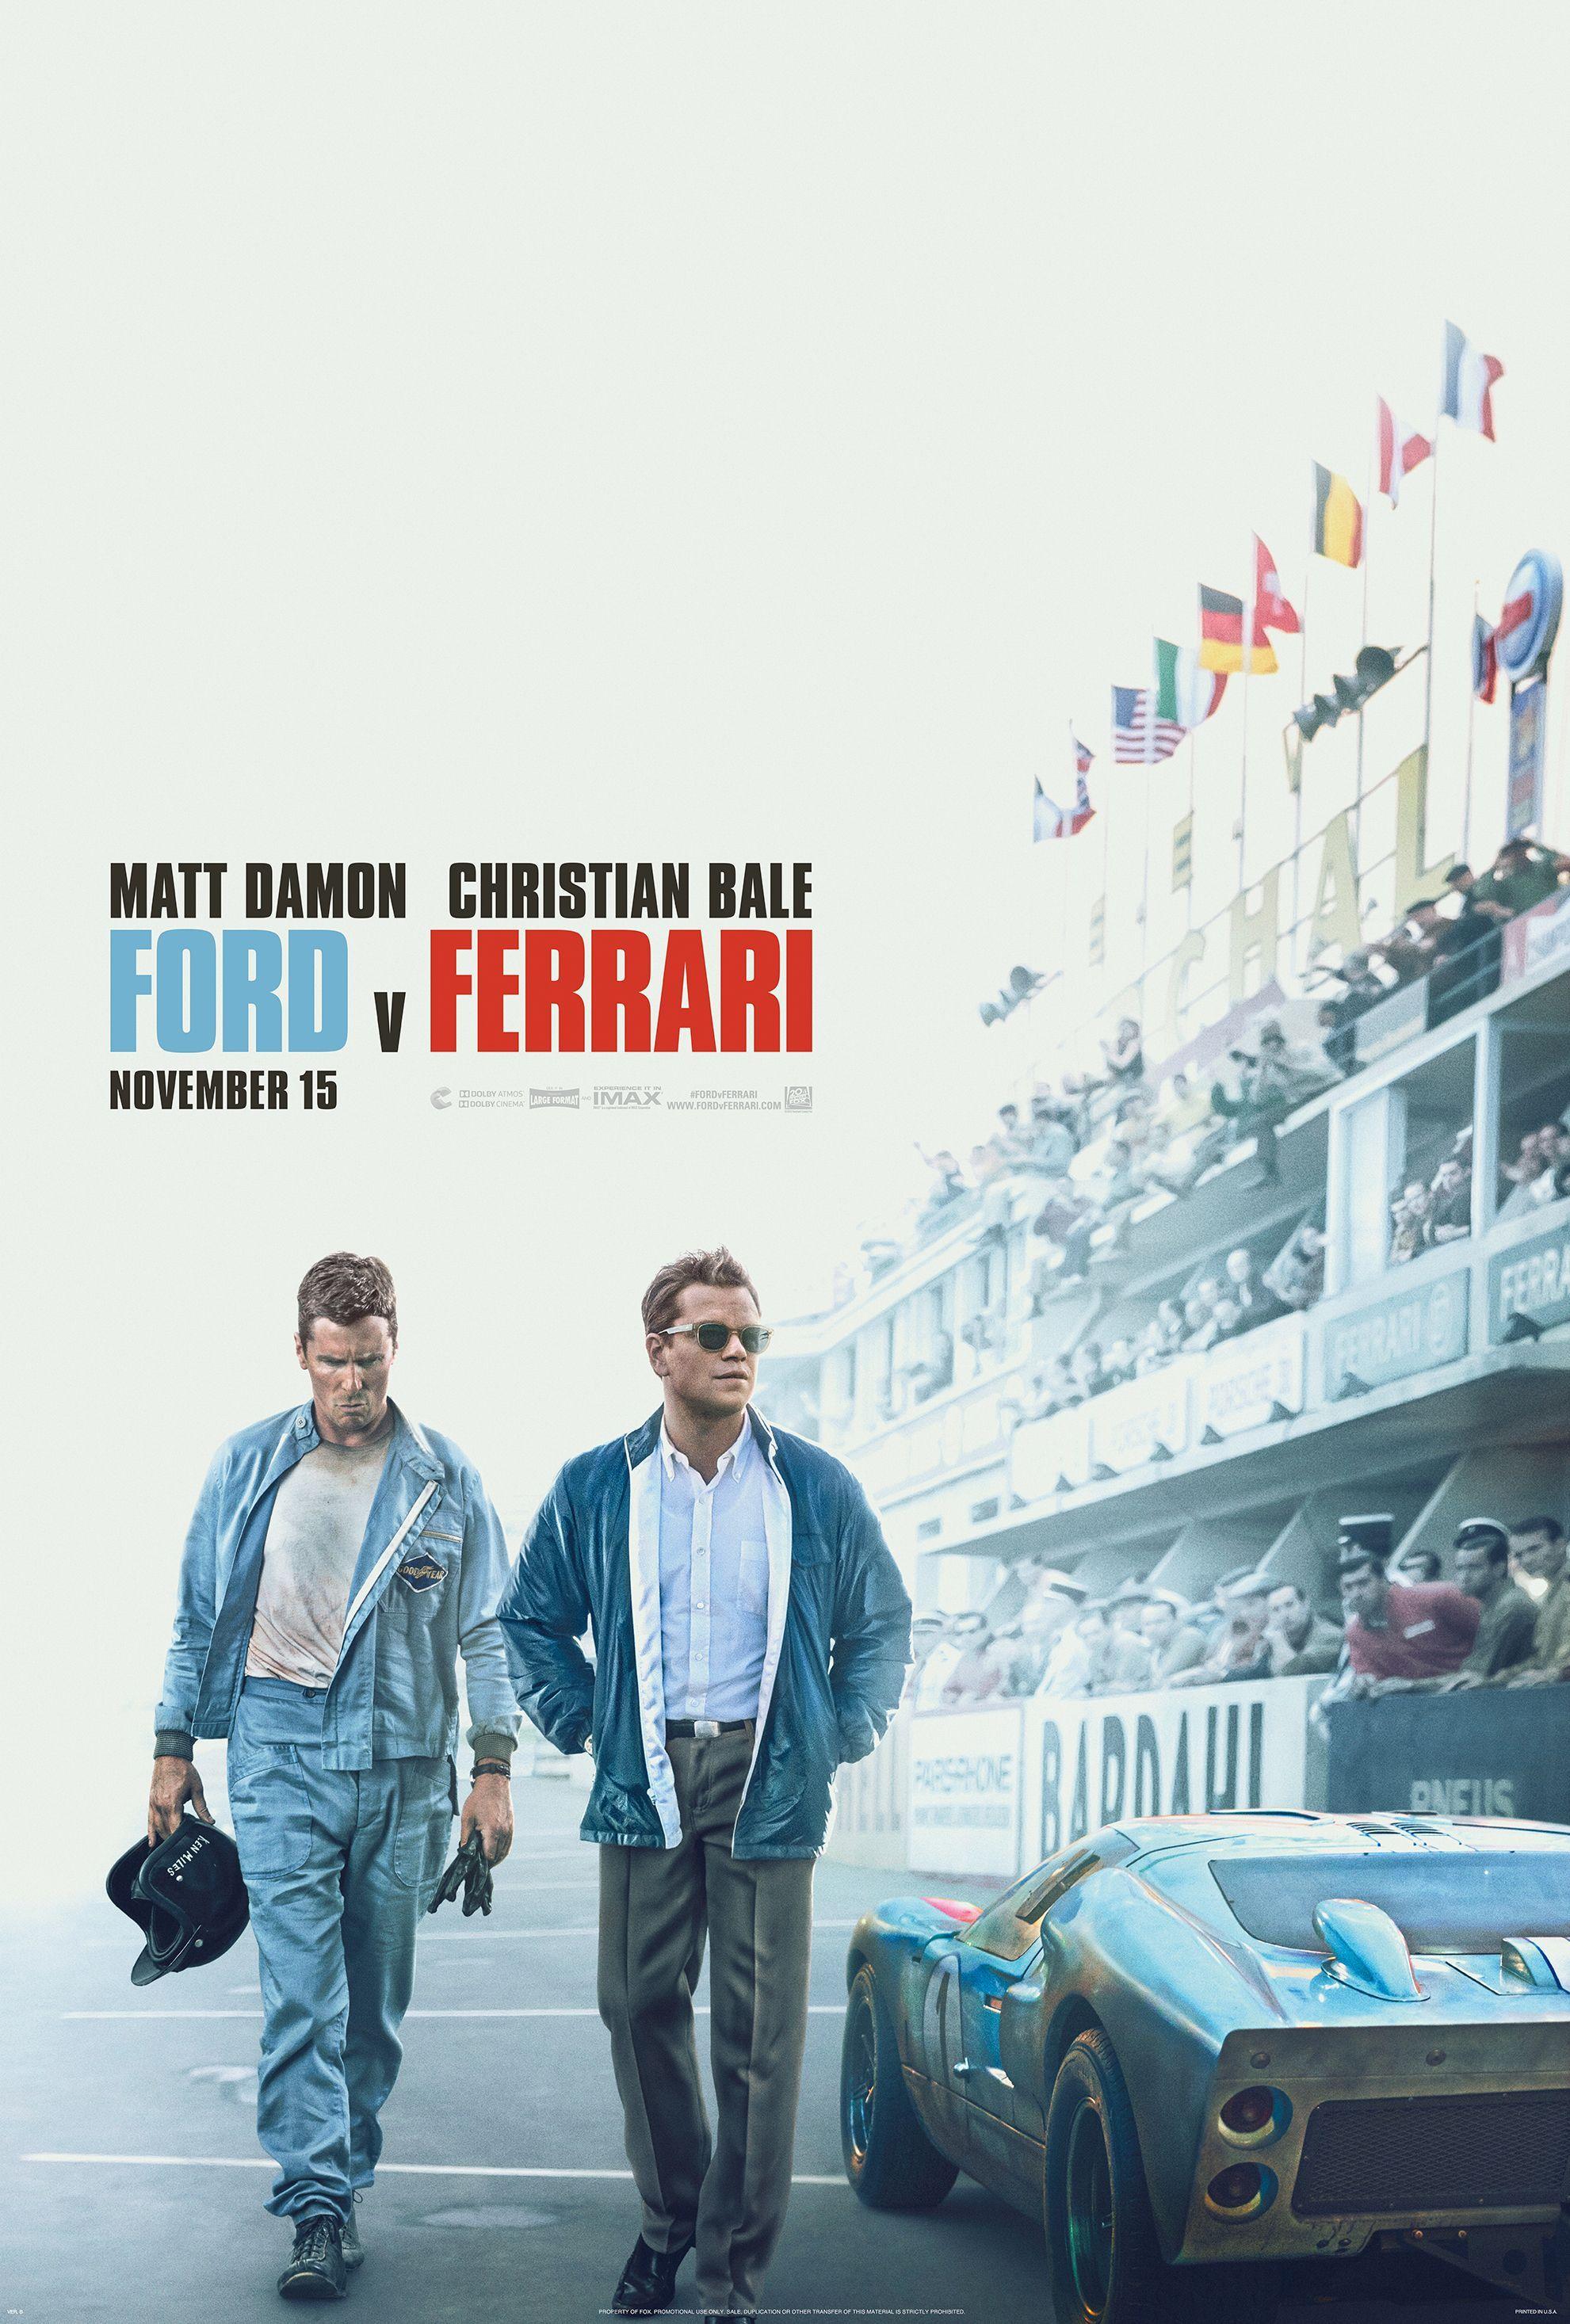 Matt Damon posadí Christiana Balea za volant auta, ktoré musí poraziť Ferrari. Sleduj vynikajúci trailer pre Ford vs Ferrari